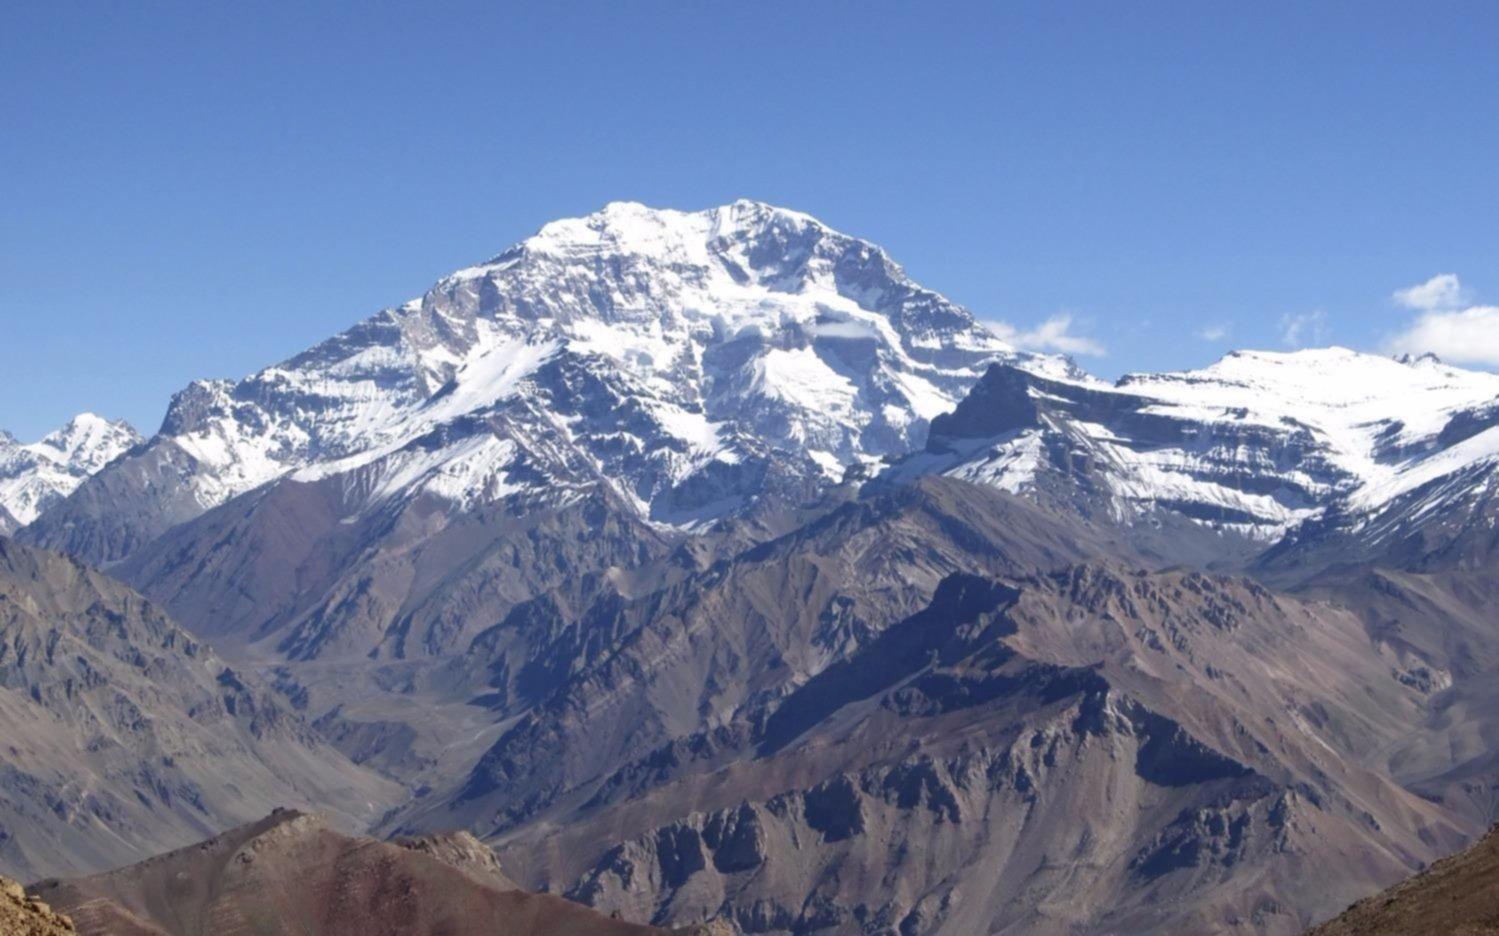 Murió un andinista griego antes de llegar a la cima del Aconcagua